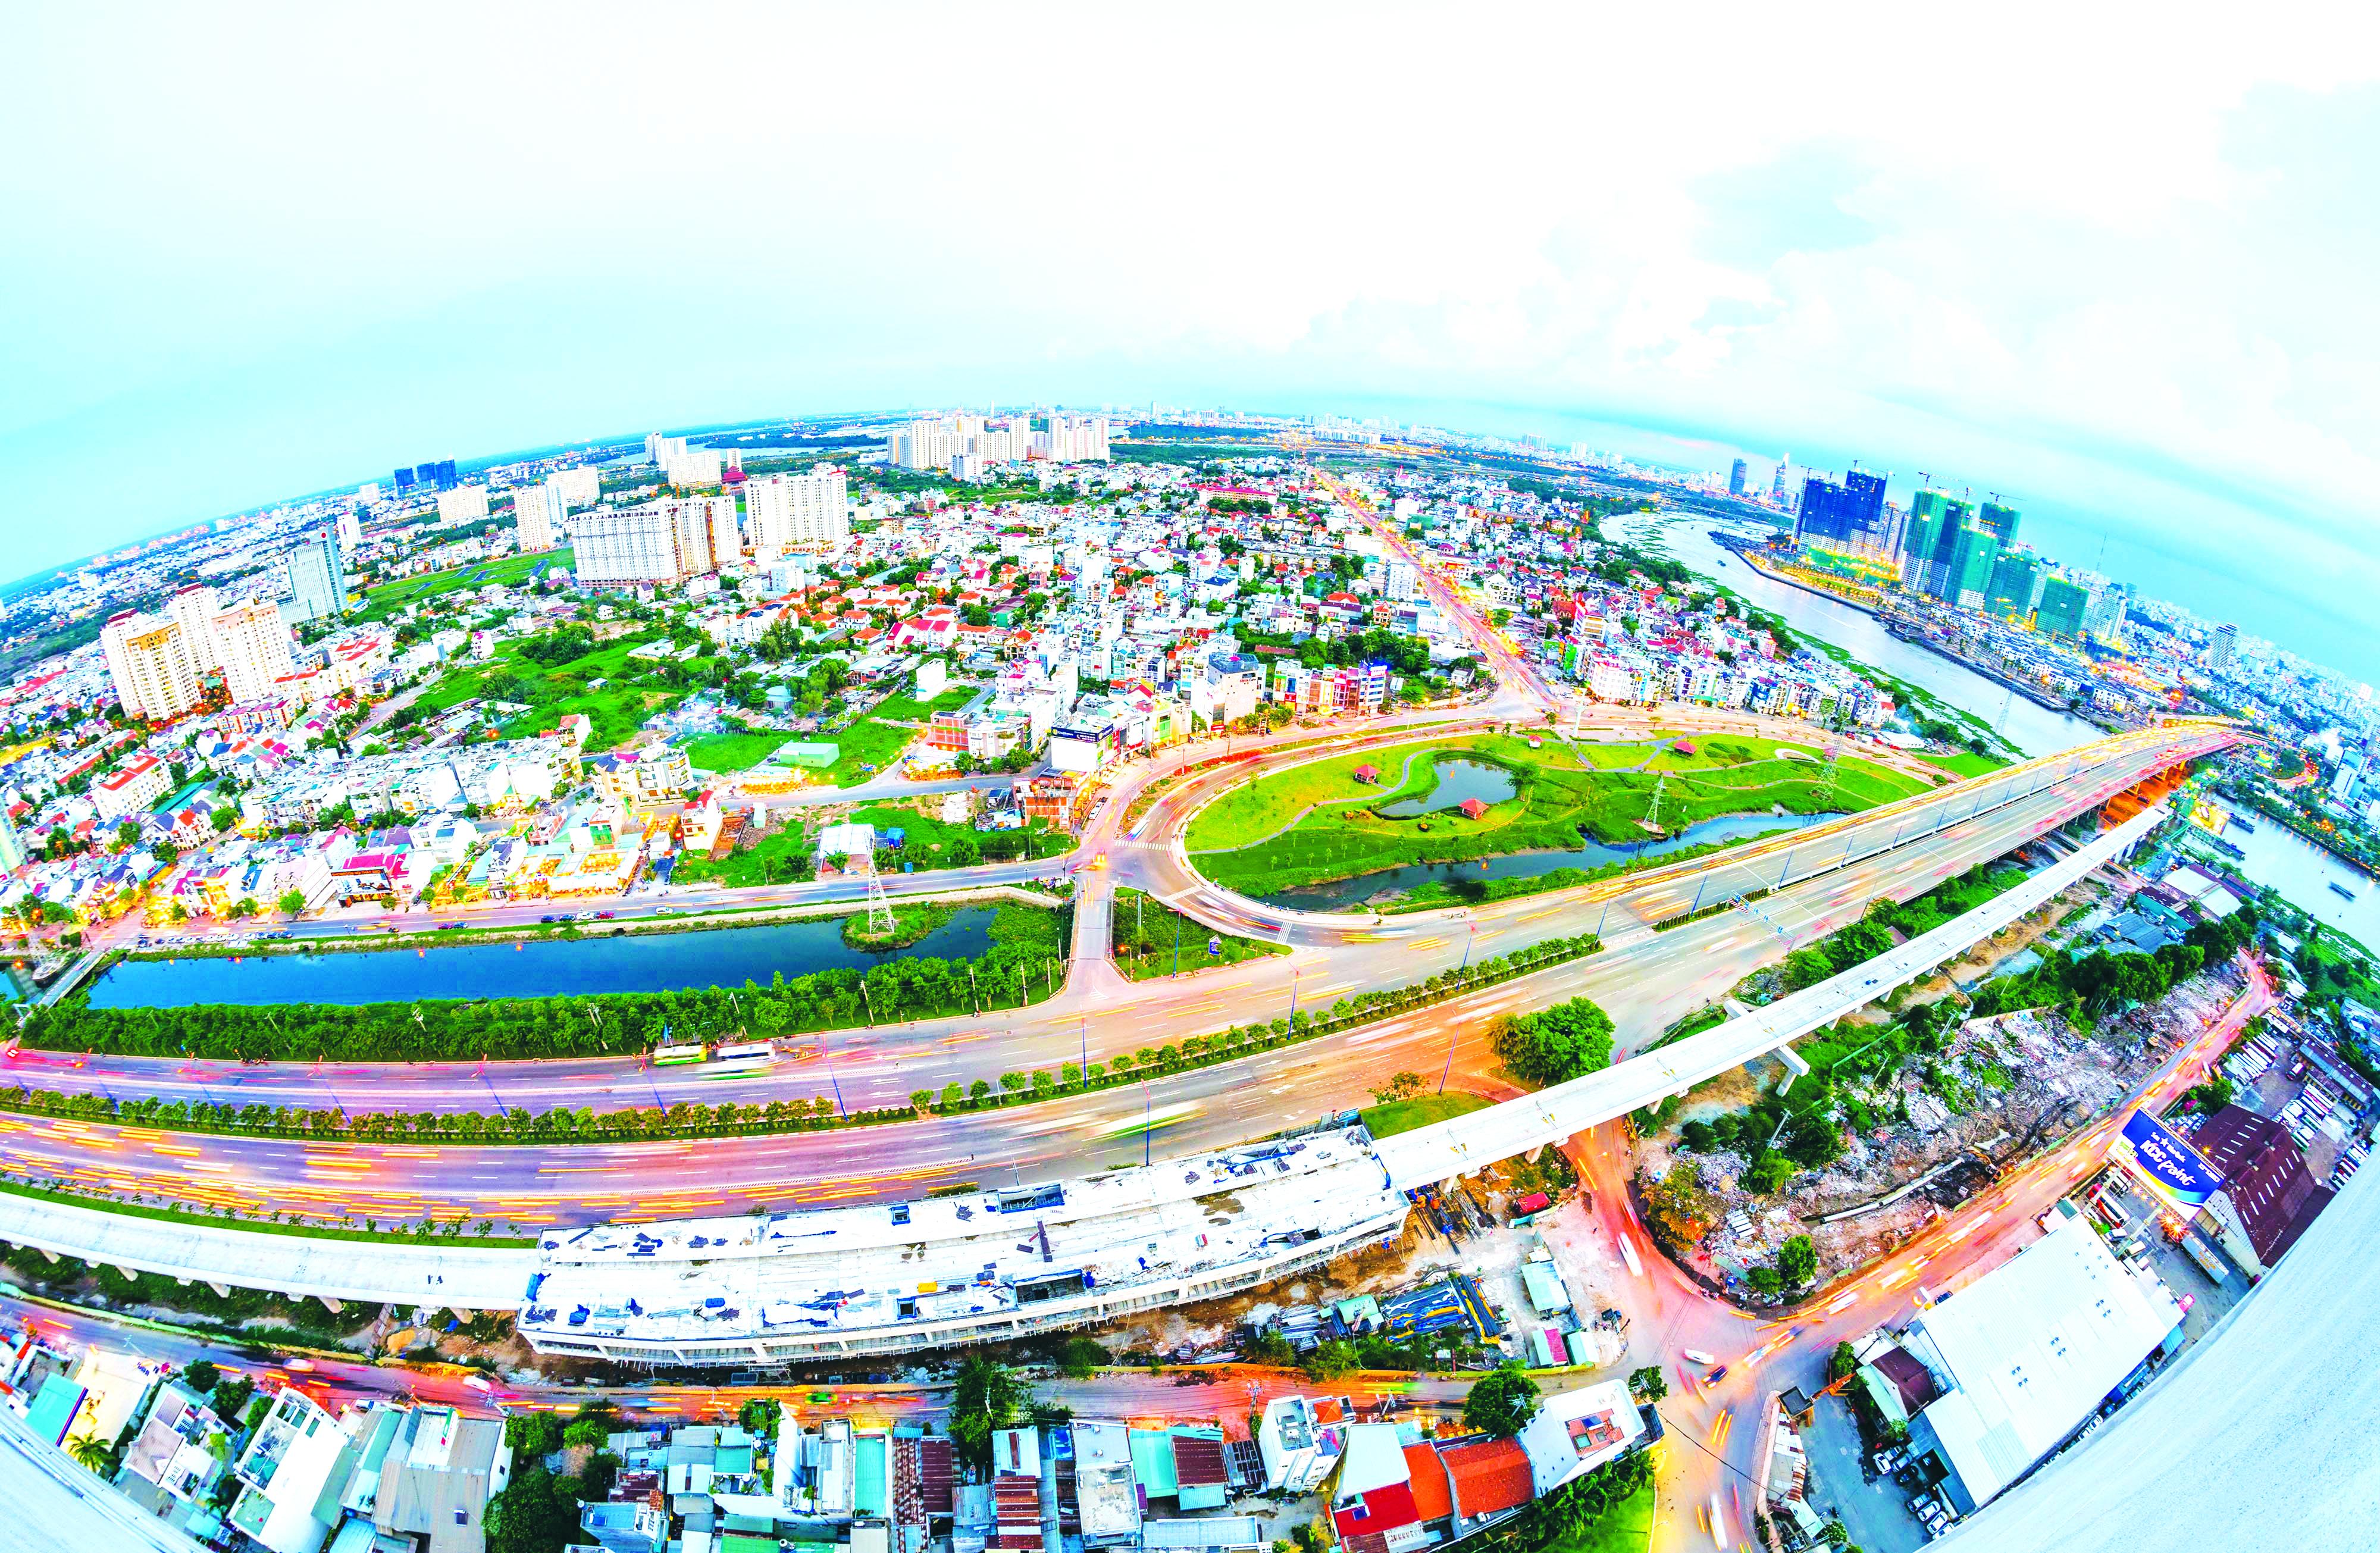 Hiện trạng ứng dụng công nghệ mới trong quy hoạch quản lý đô thị còn chưa tương xứng với tốc độ phát triển đô thị nóng